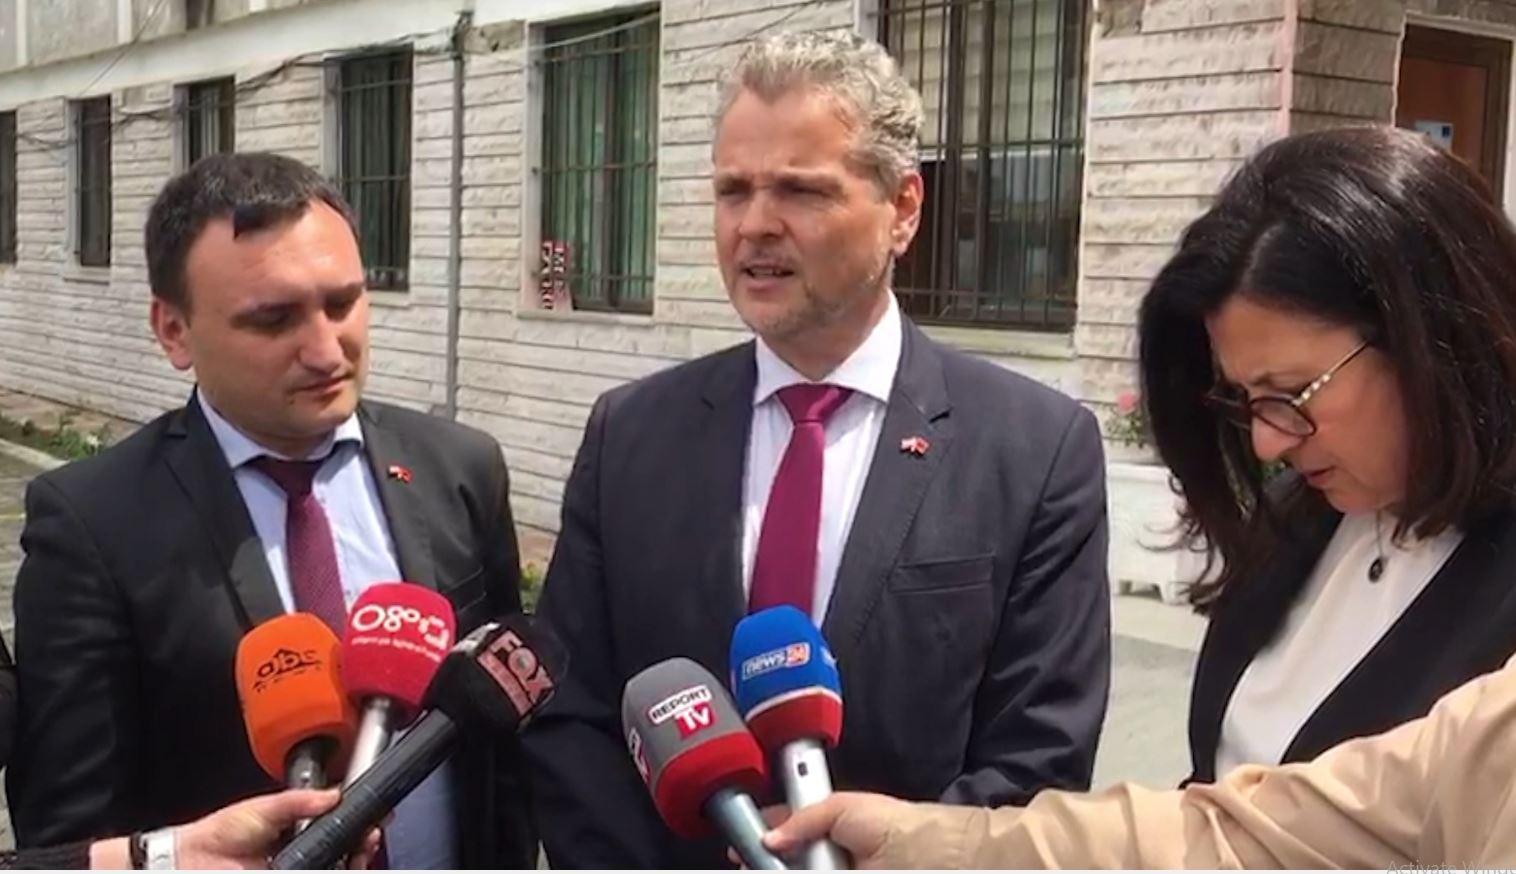 Ambasadori i Austrisë mesazh politikës: Është koha të dialogojnë